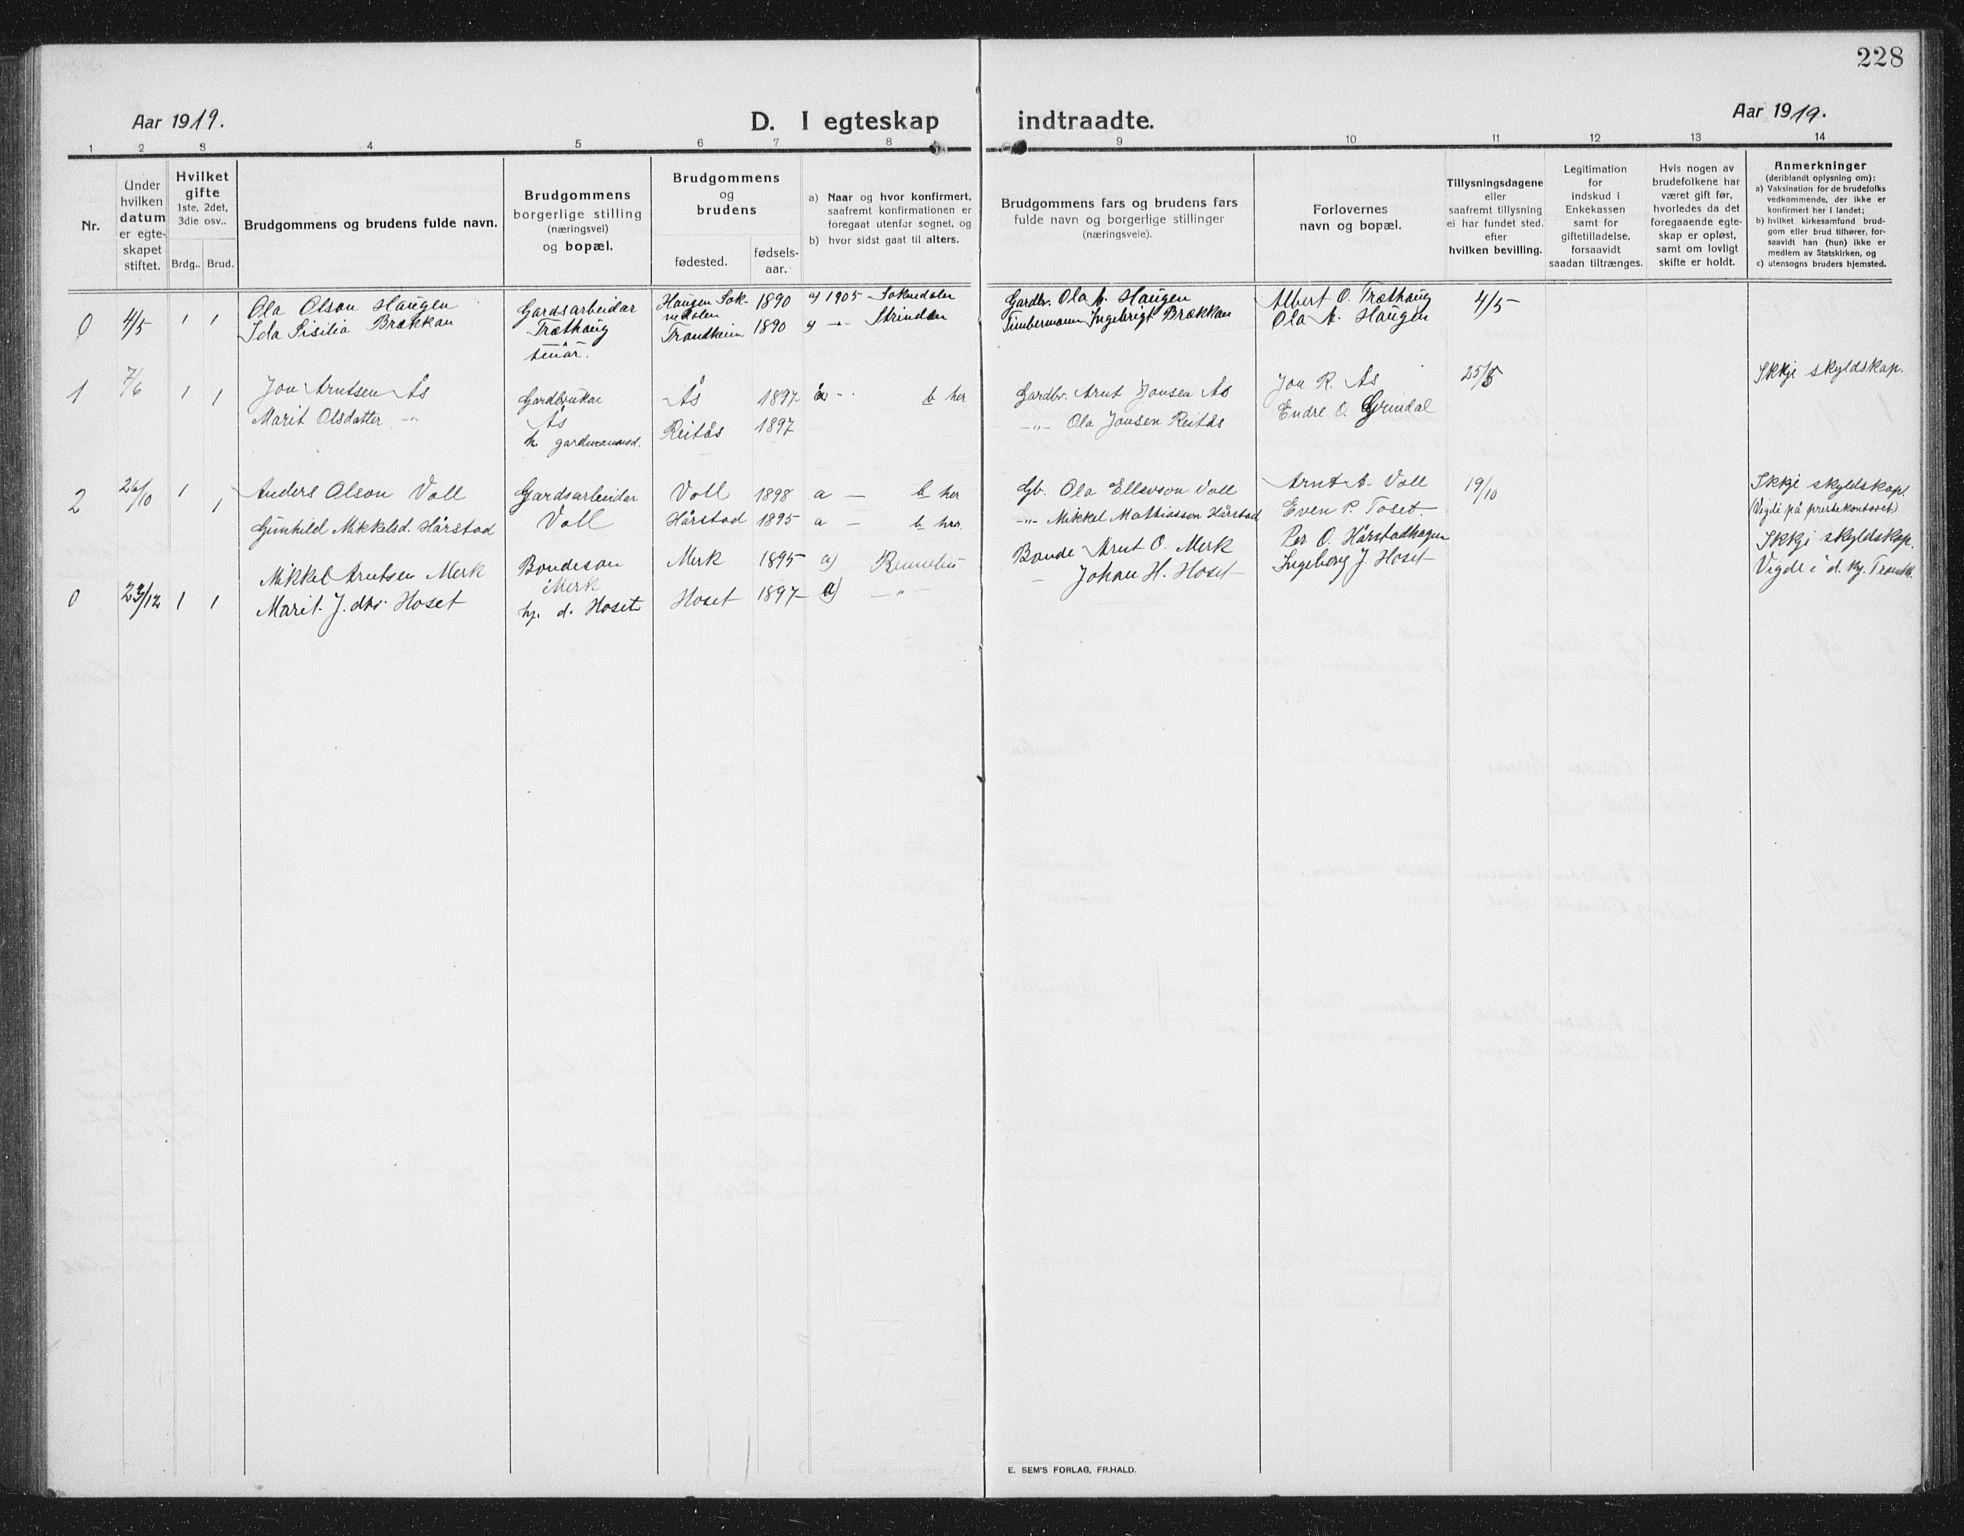 SAT, Ministerialprotokoller, klokkerbøker og fødselsregistre - Sør-Trøndelag, 674/L0877: Klokkerbok nr. 674C04, 1913-1940, s. 228